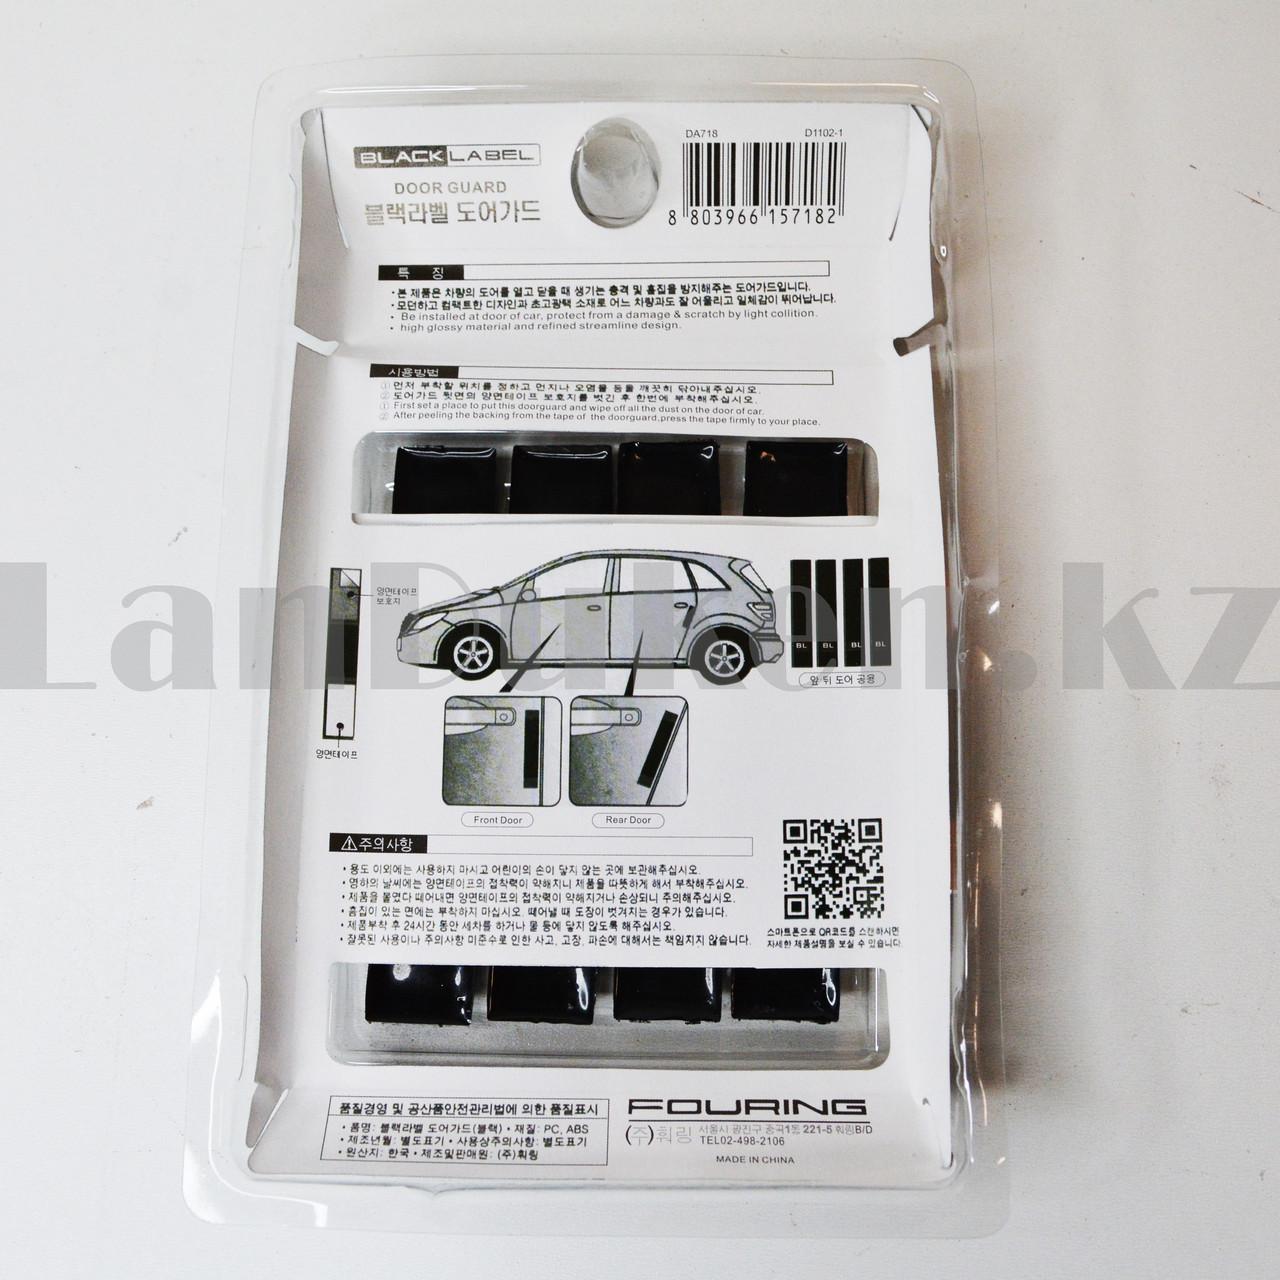 Накладки защитные на двери машины Fouring Black Label AMG - фото 10